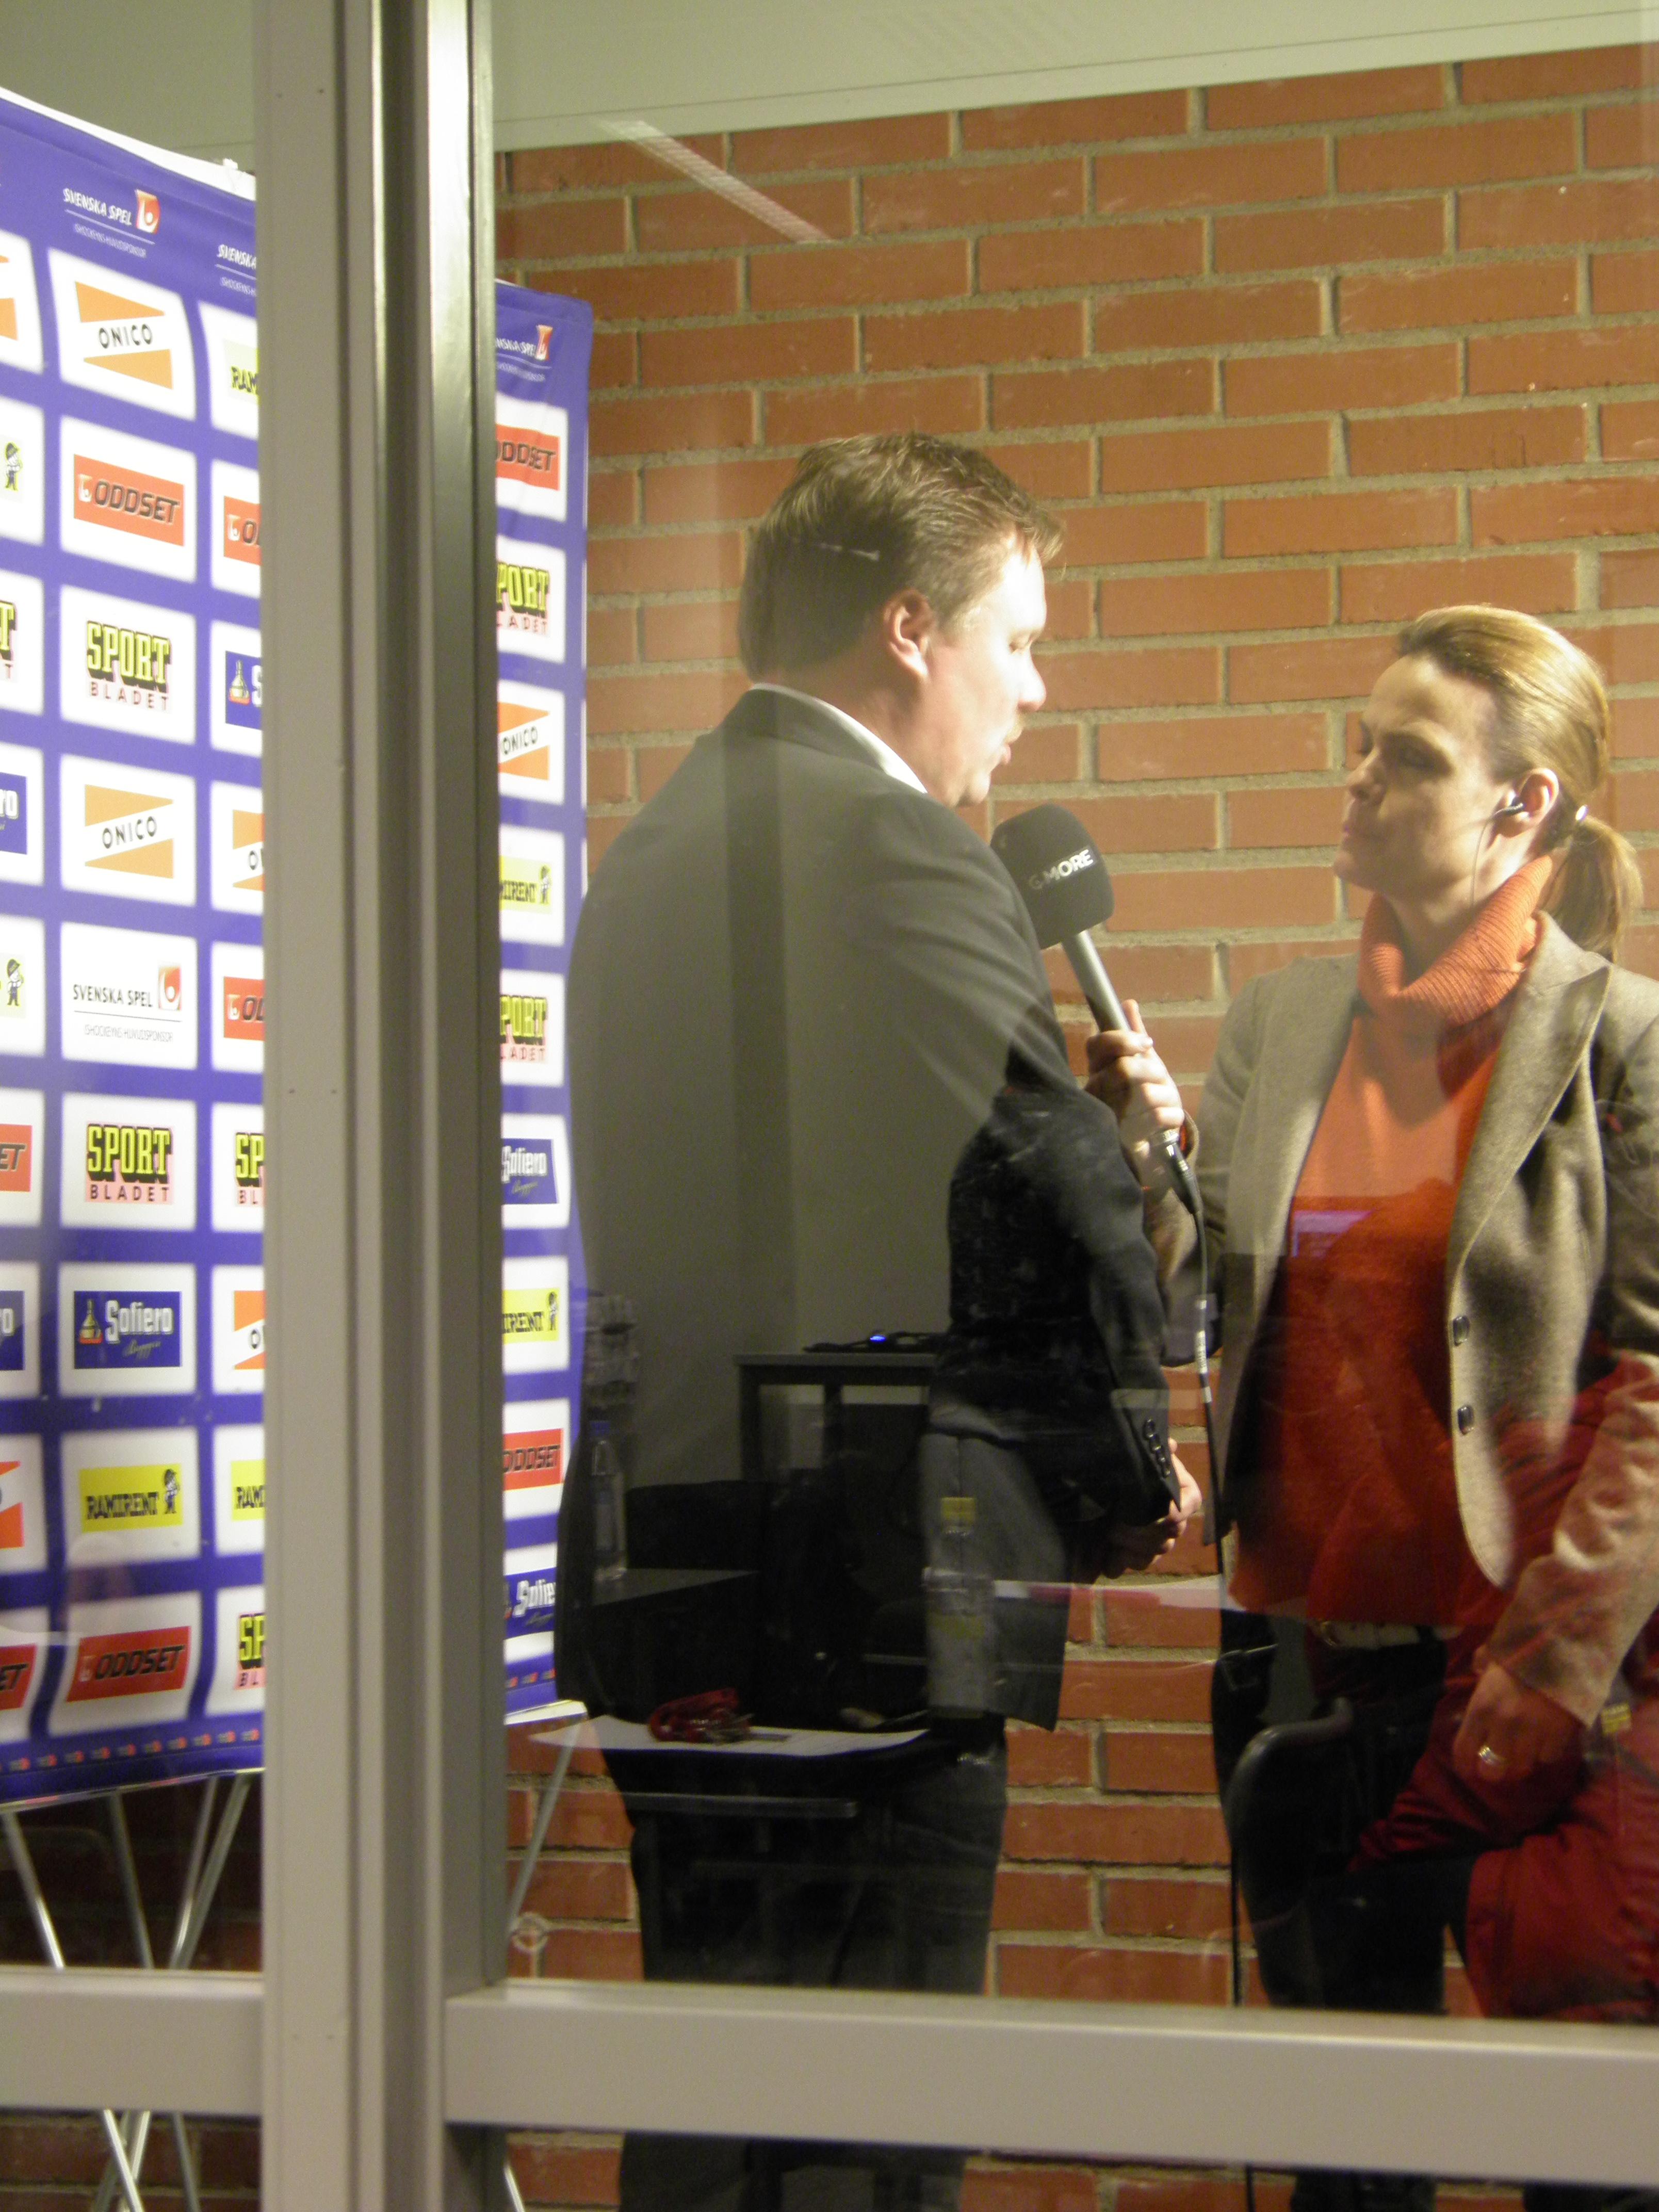 Leif Carlsson var ett hetare villebråd än Anders Forsberg efter matchen. Foto: Marie Angle/fbkbloggen